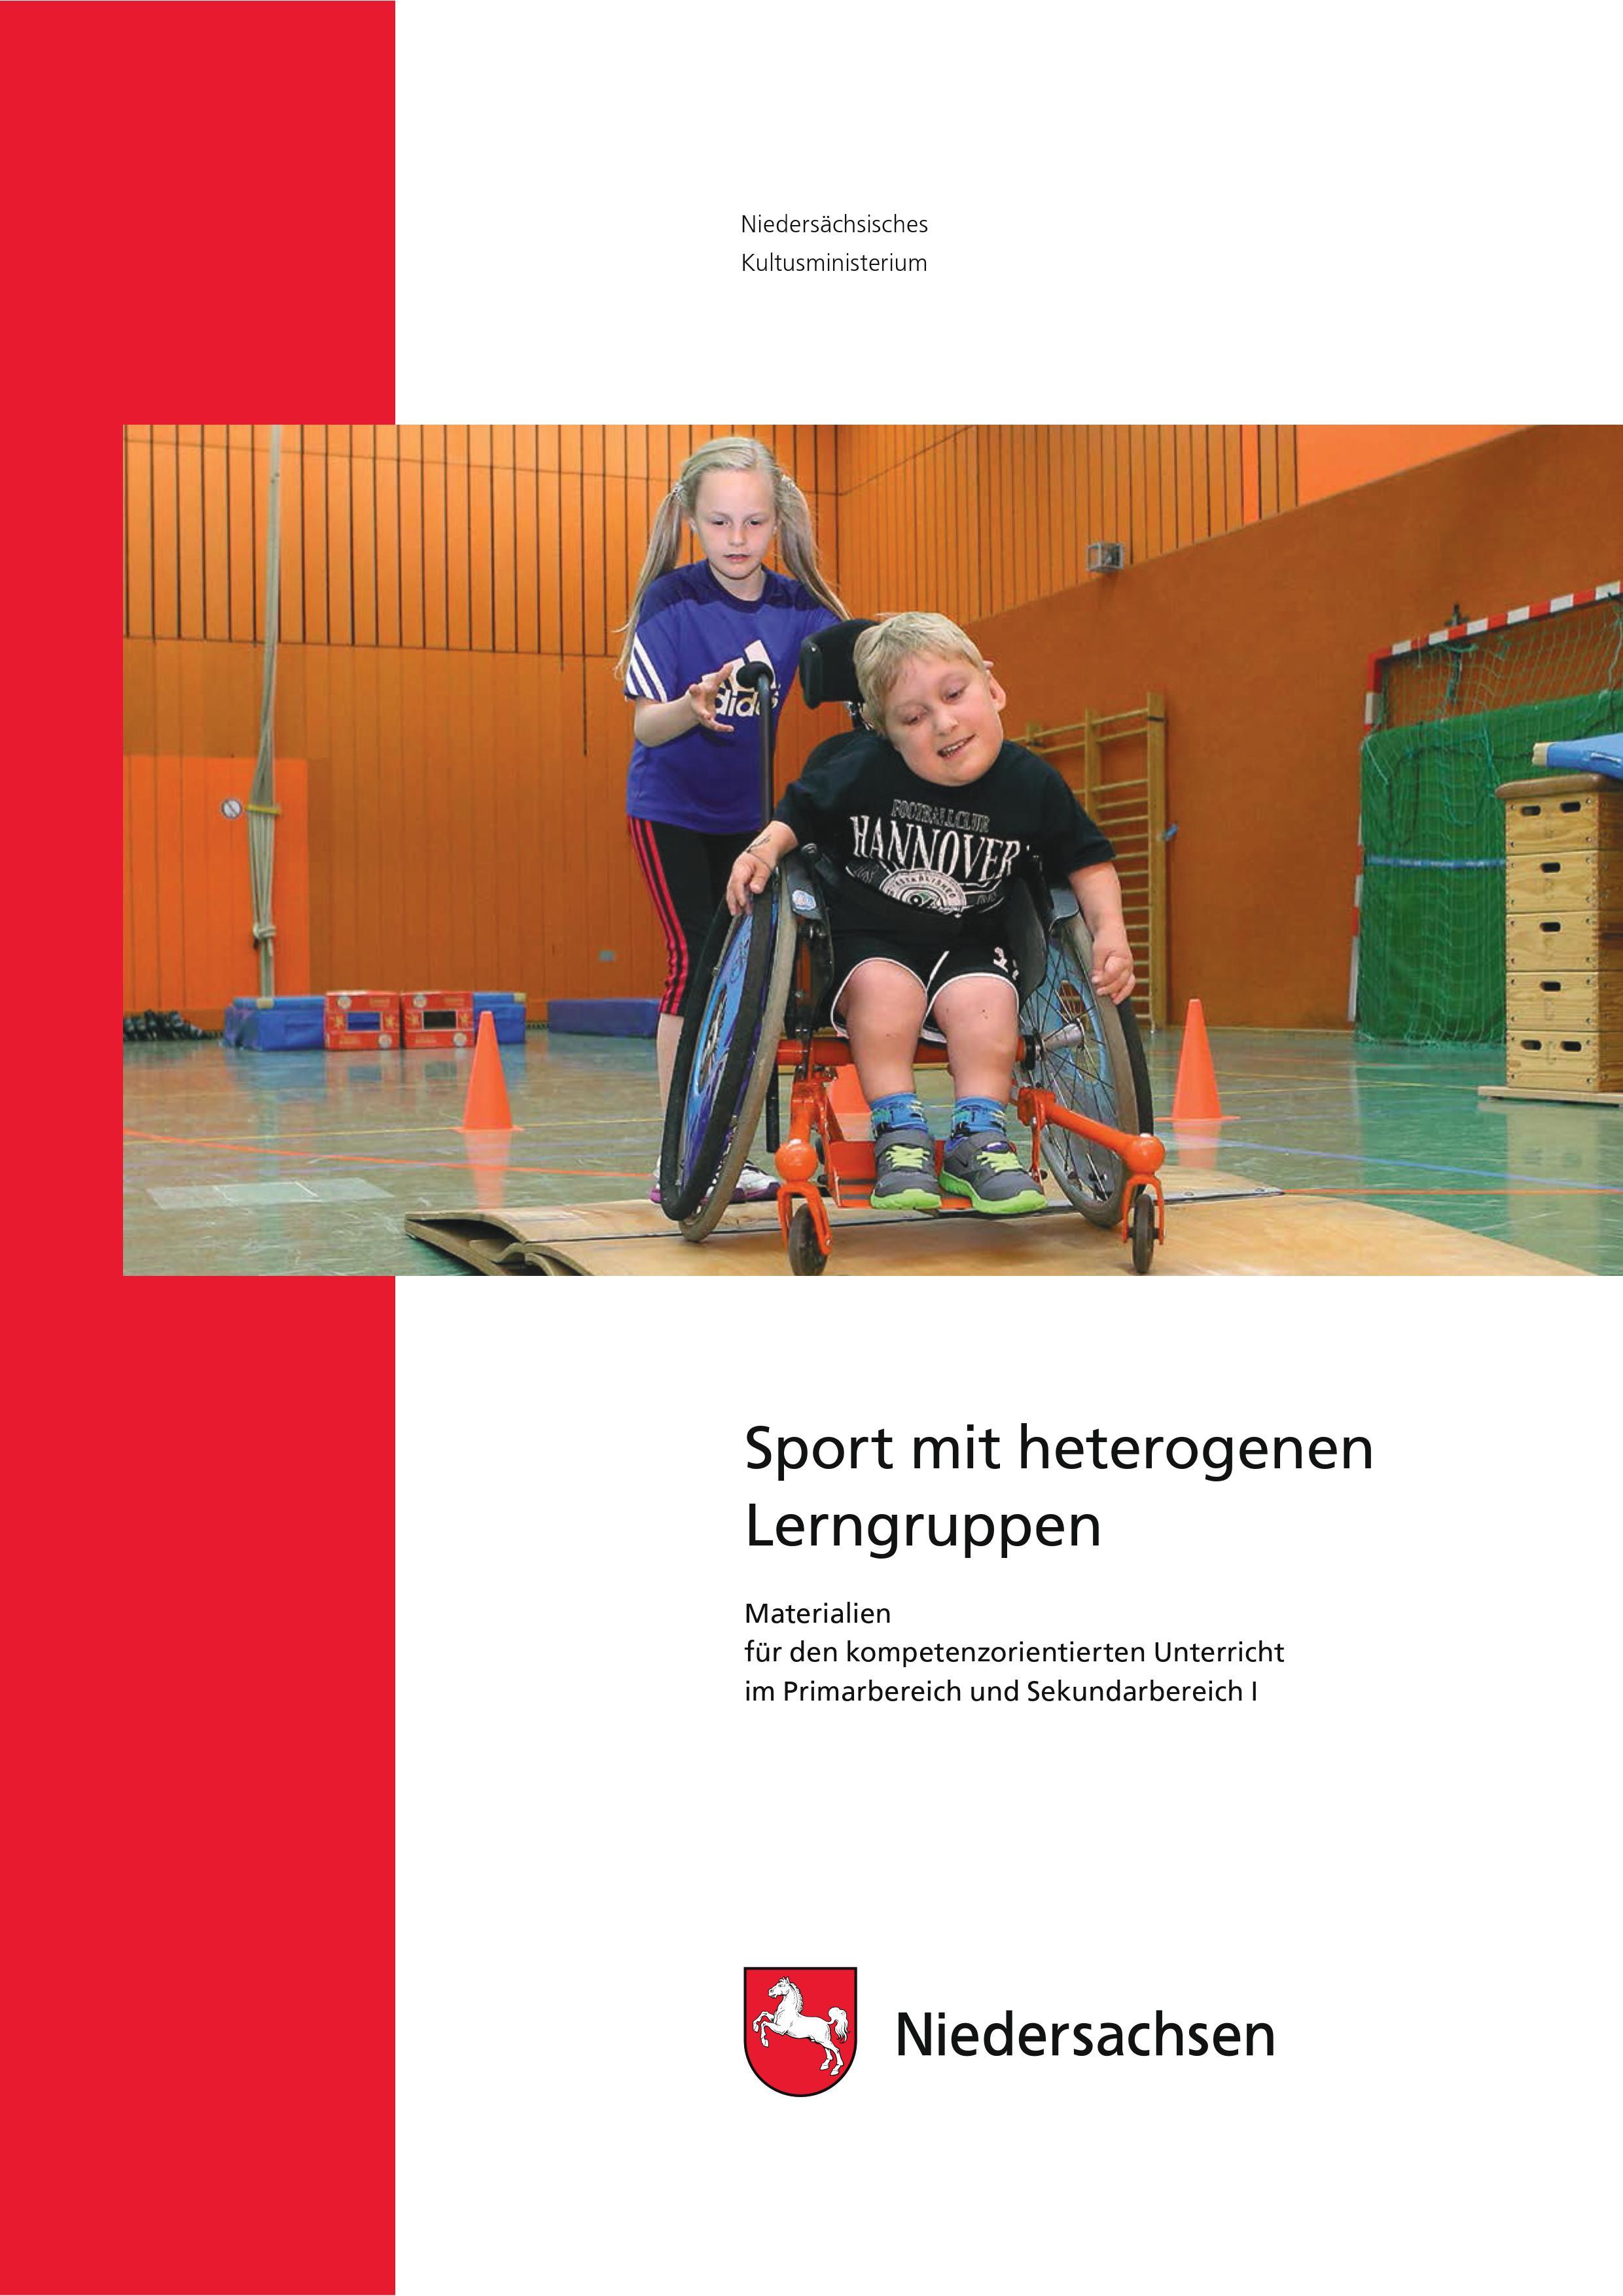 Sport mit heterogenen Lerngruppen